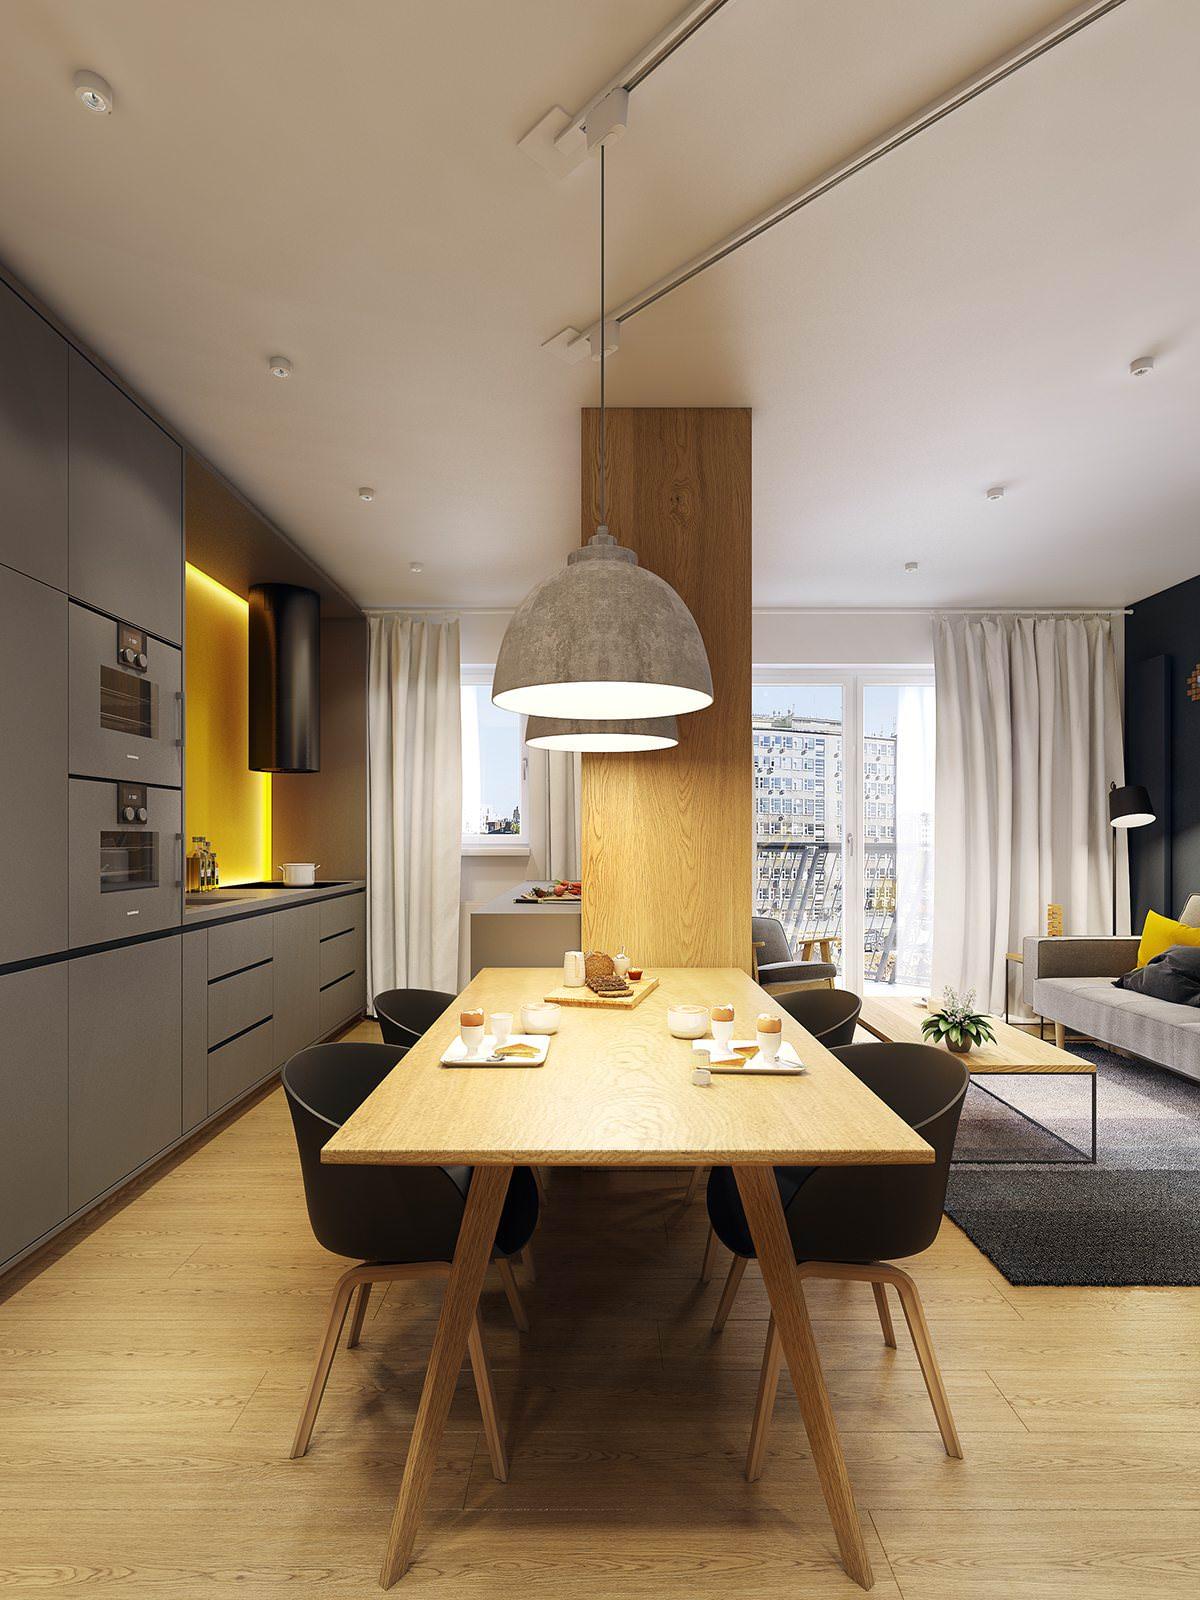 interioren-proekt-za-apartament-v-moderen-skandinavski-stil-910g